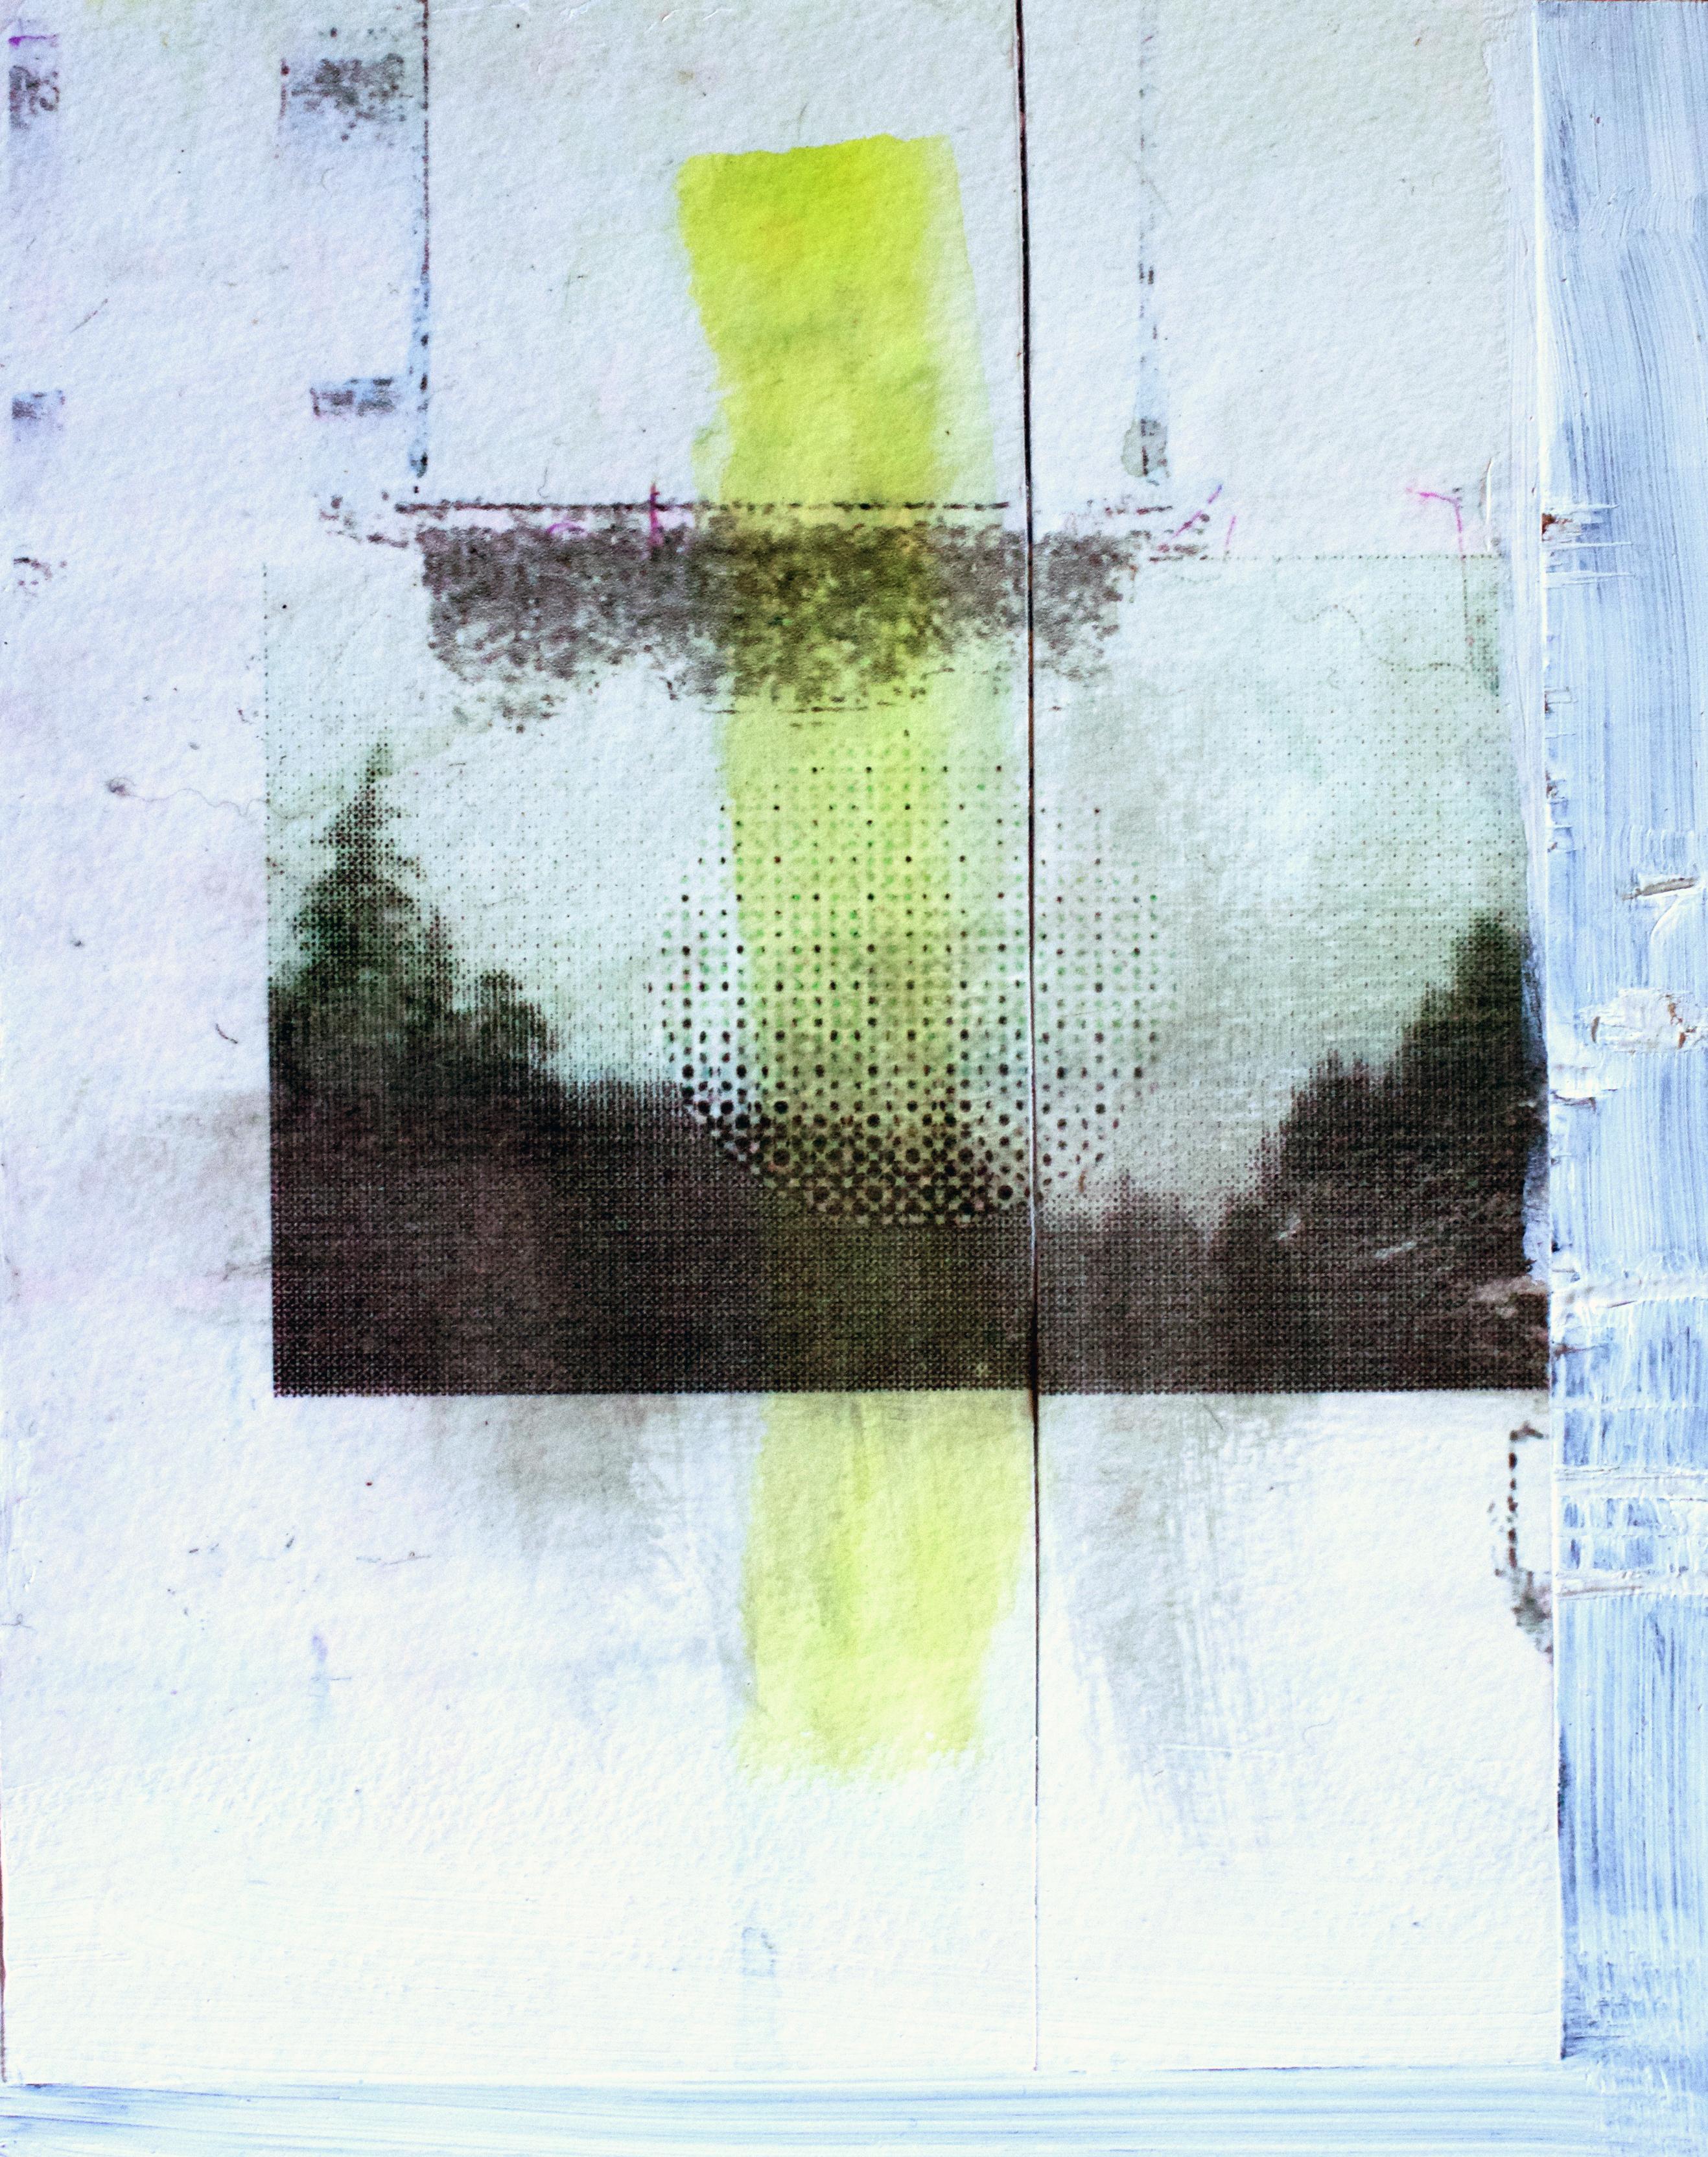 James Penfield - Recontextualized Landscape (2)